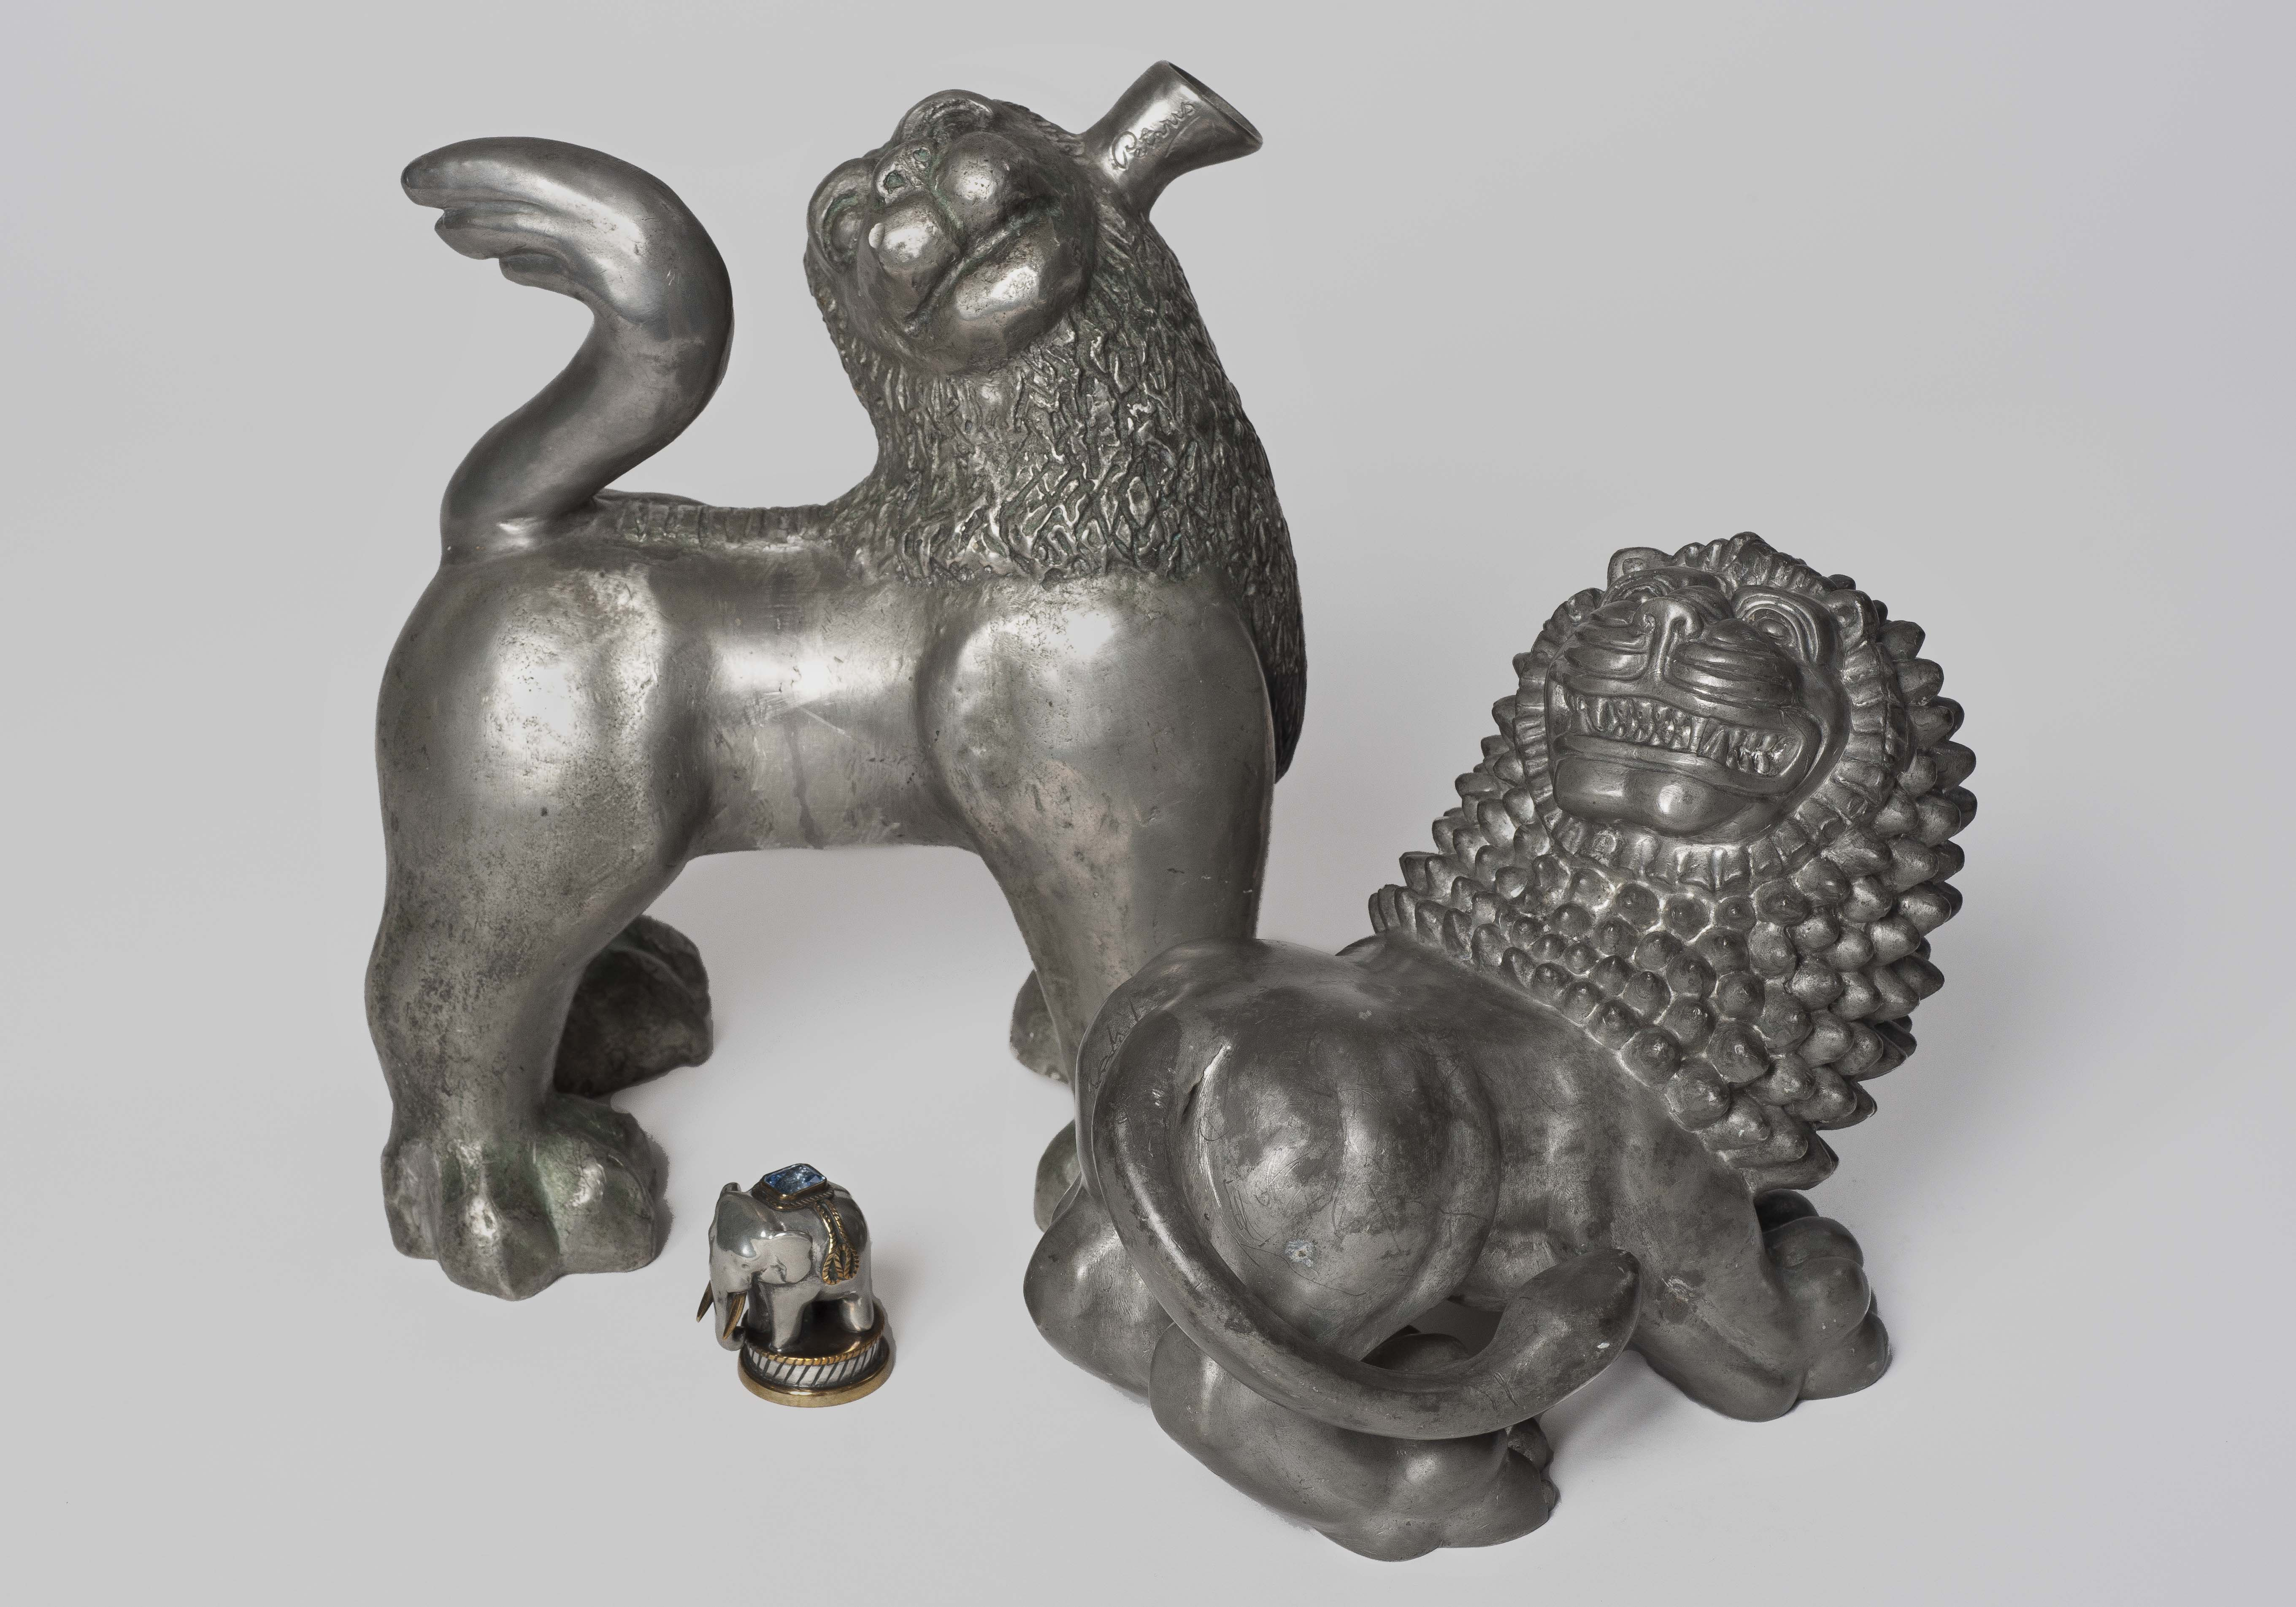 Anna Petrus, Plunta i form av stiliserat lejon, 1923-25, tillverkad vid Herman Bergmans konstgjuteri samt Lejon, 1926, tillverkad vid Svenskt Tenn AB. Anna Danielsson/Nationalmuseum.